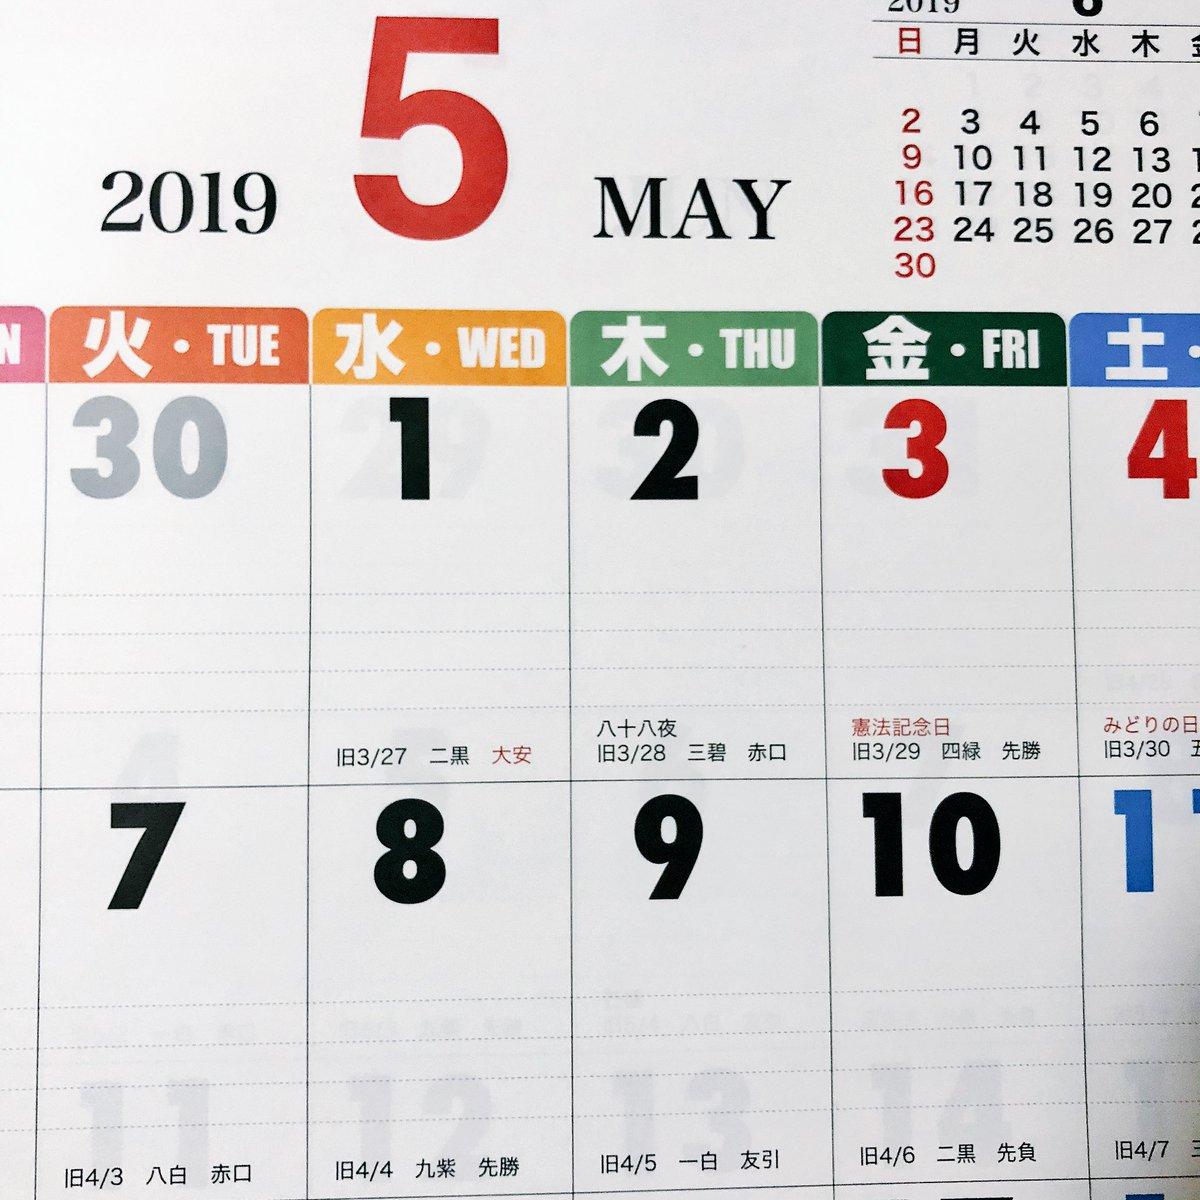 test ツイッターメディア - 108円カレンダー(2019年版)、 #退位の日、#即位の日 が 掲載されていなかった。  #セリア #100円カレンダー https://t.co/PC0G7X4Tfs